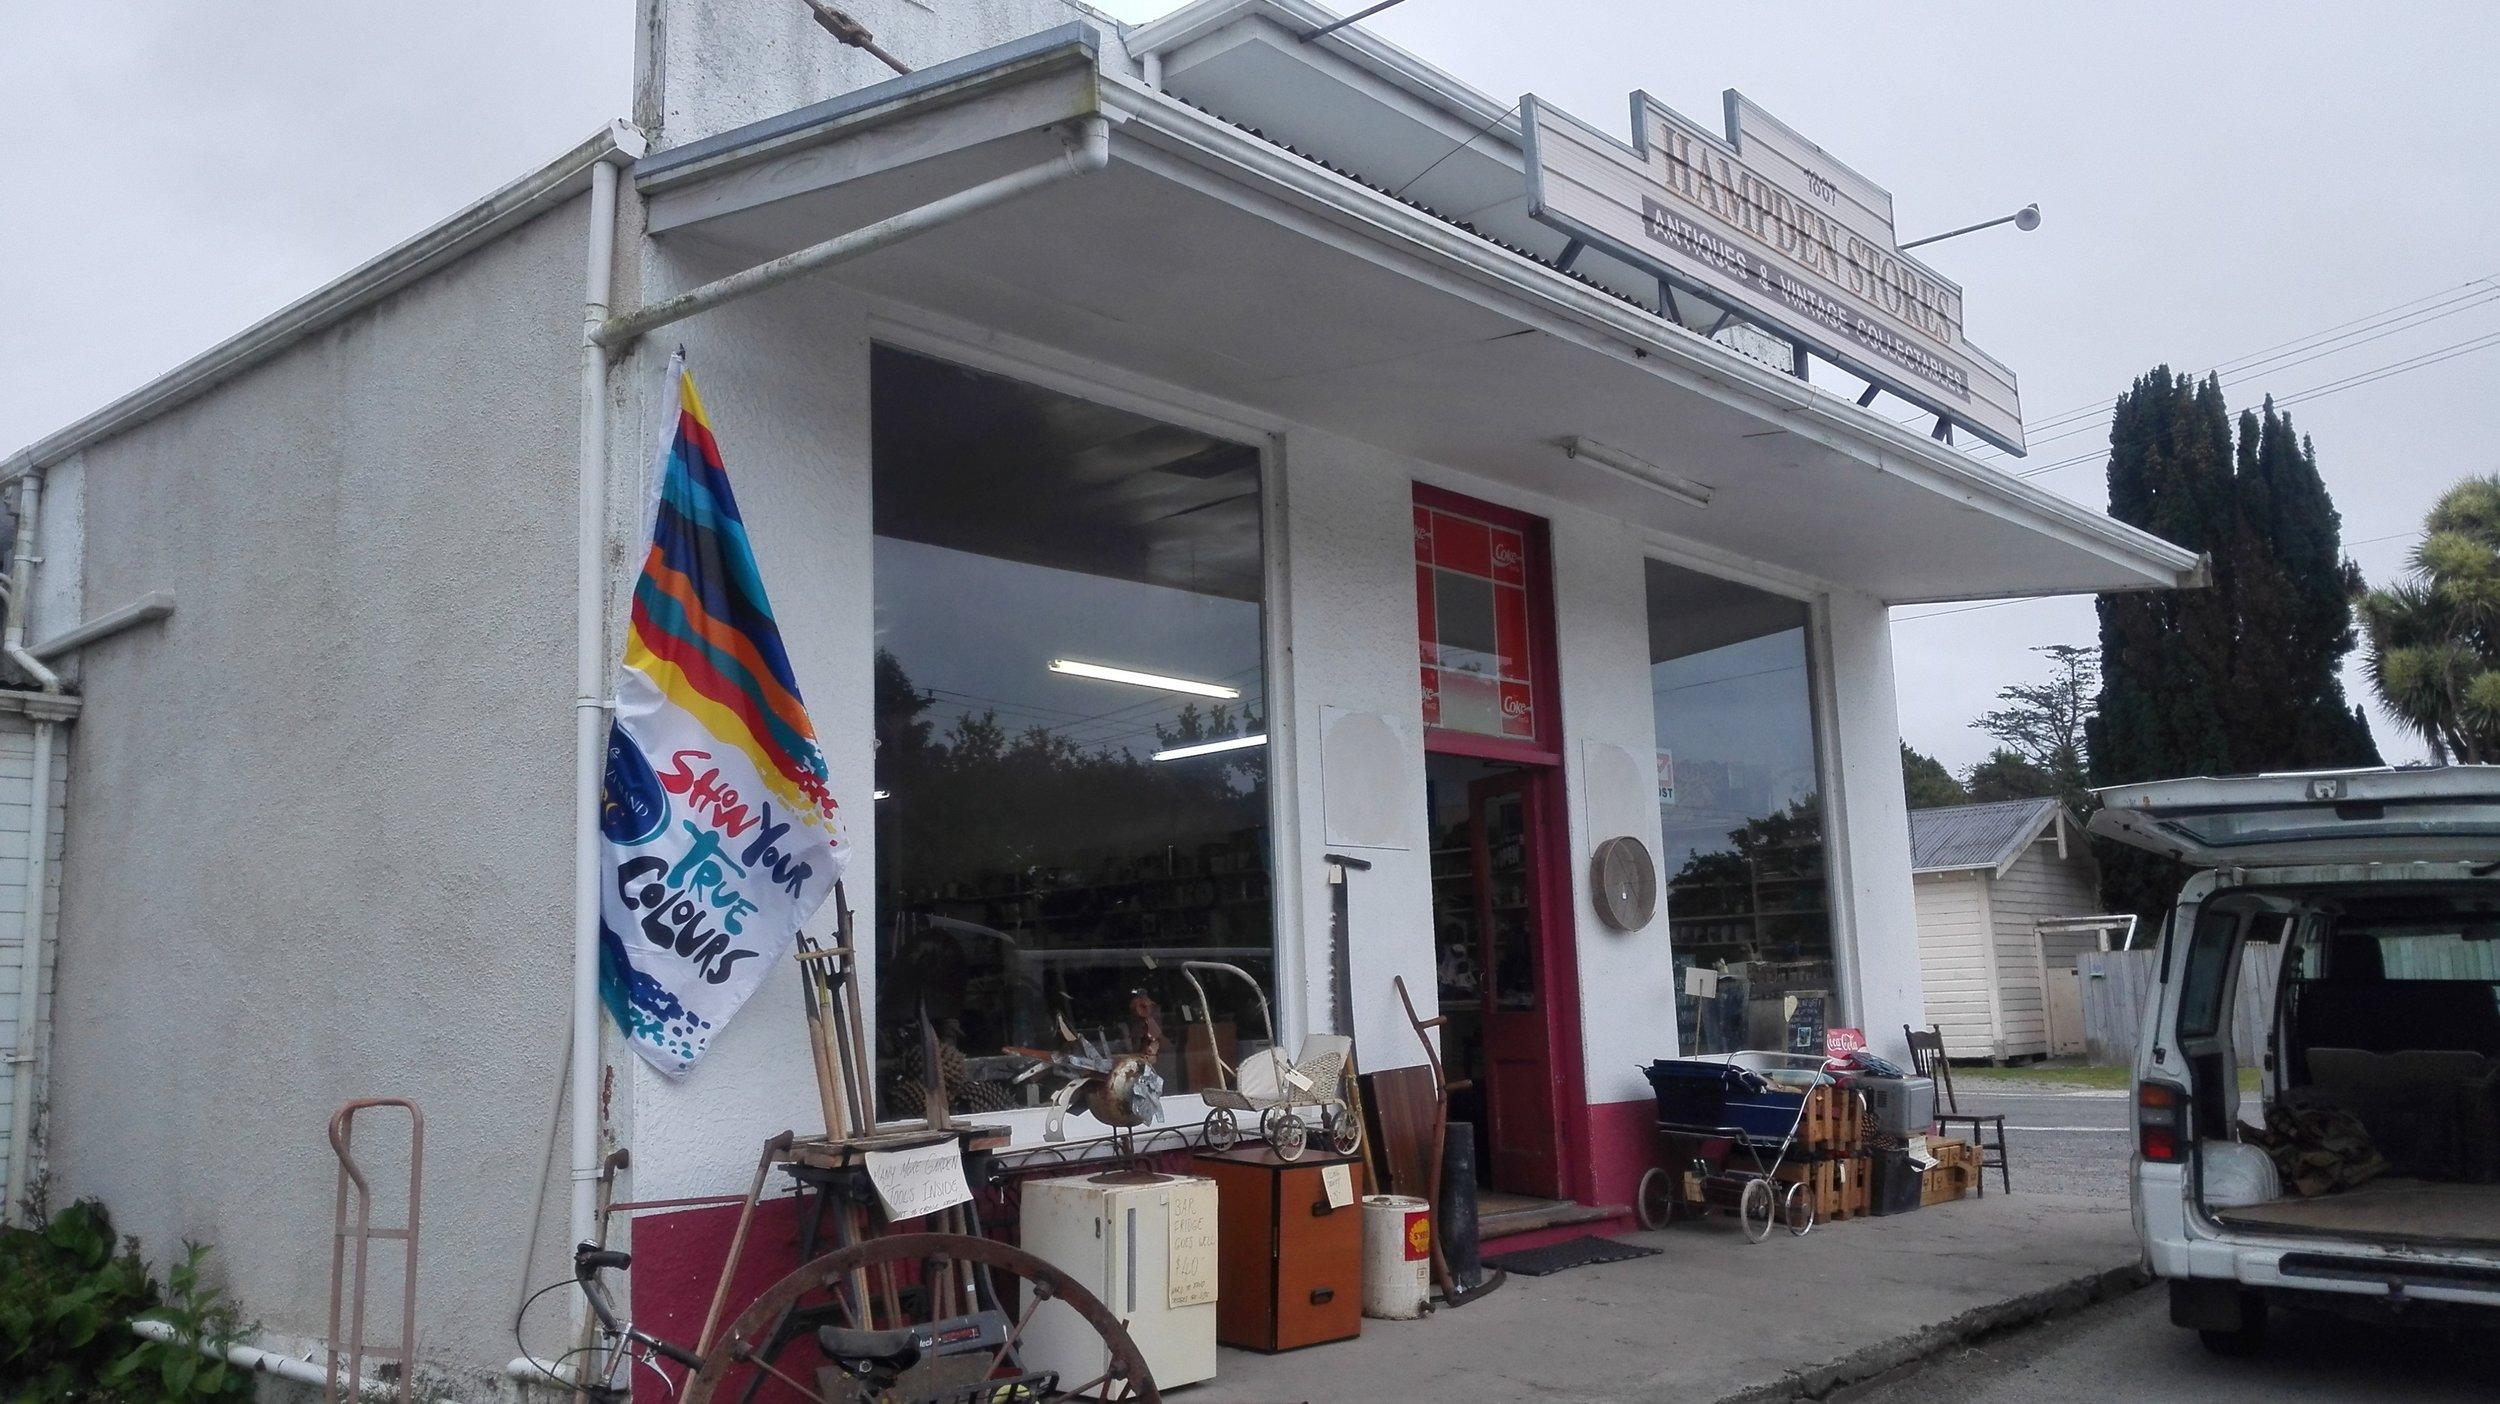 Oamaru-Hampden-Store.jpg